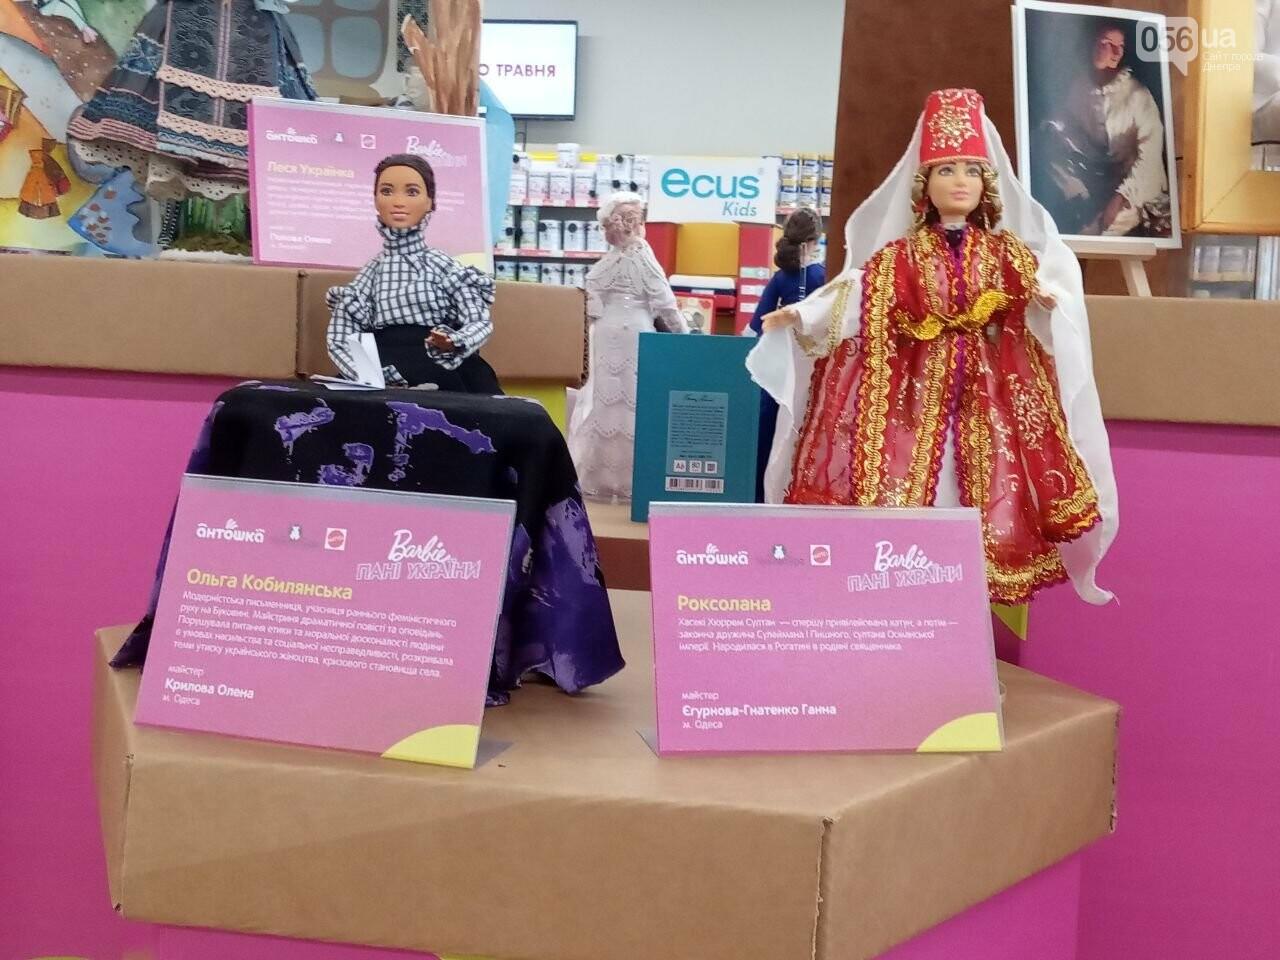 В Днепре продолжают гостить куклы Barbie, - ФОТО, фото-6